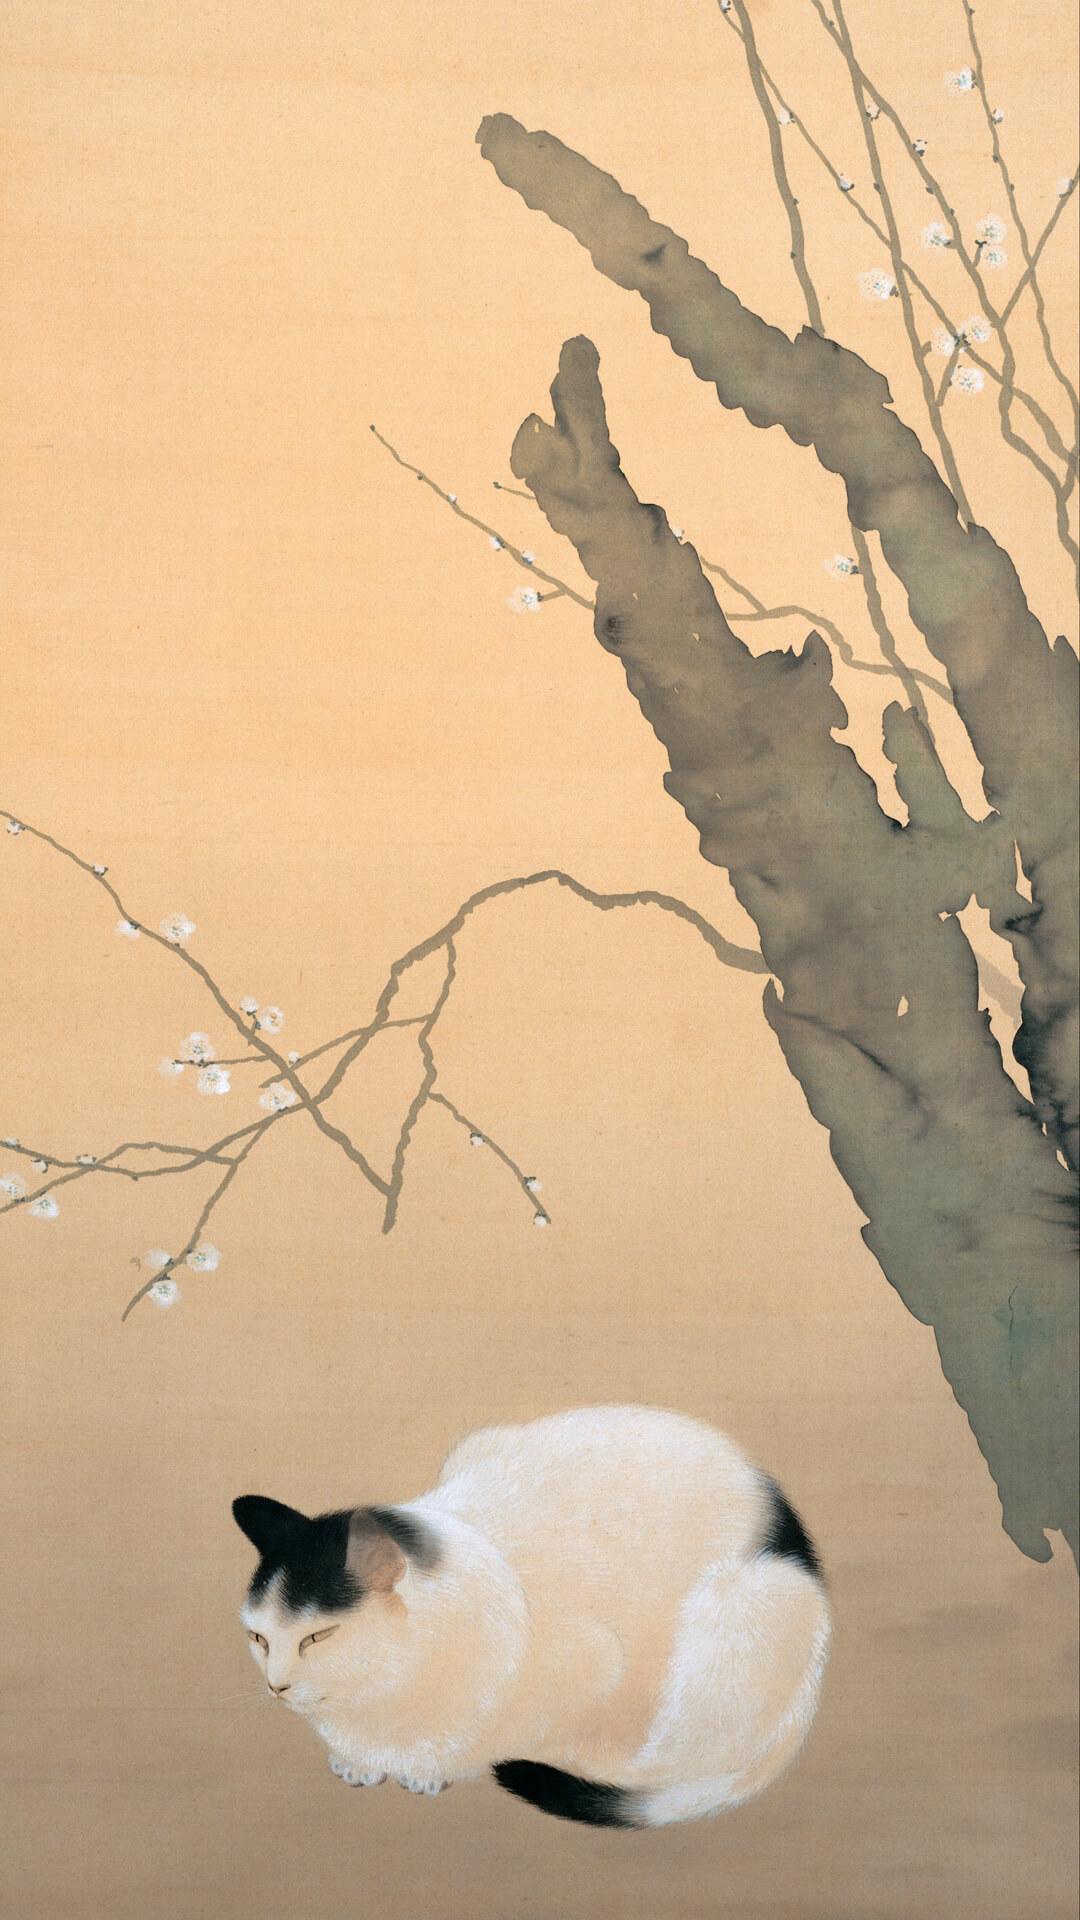 Hishida shunso-Bai byo_1080x1920